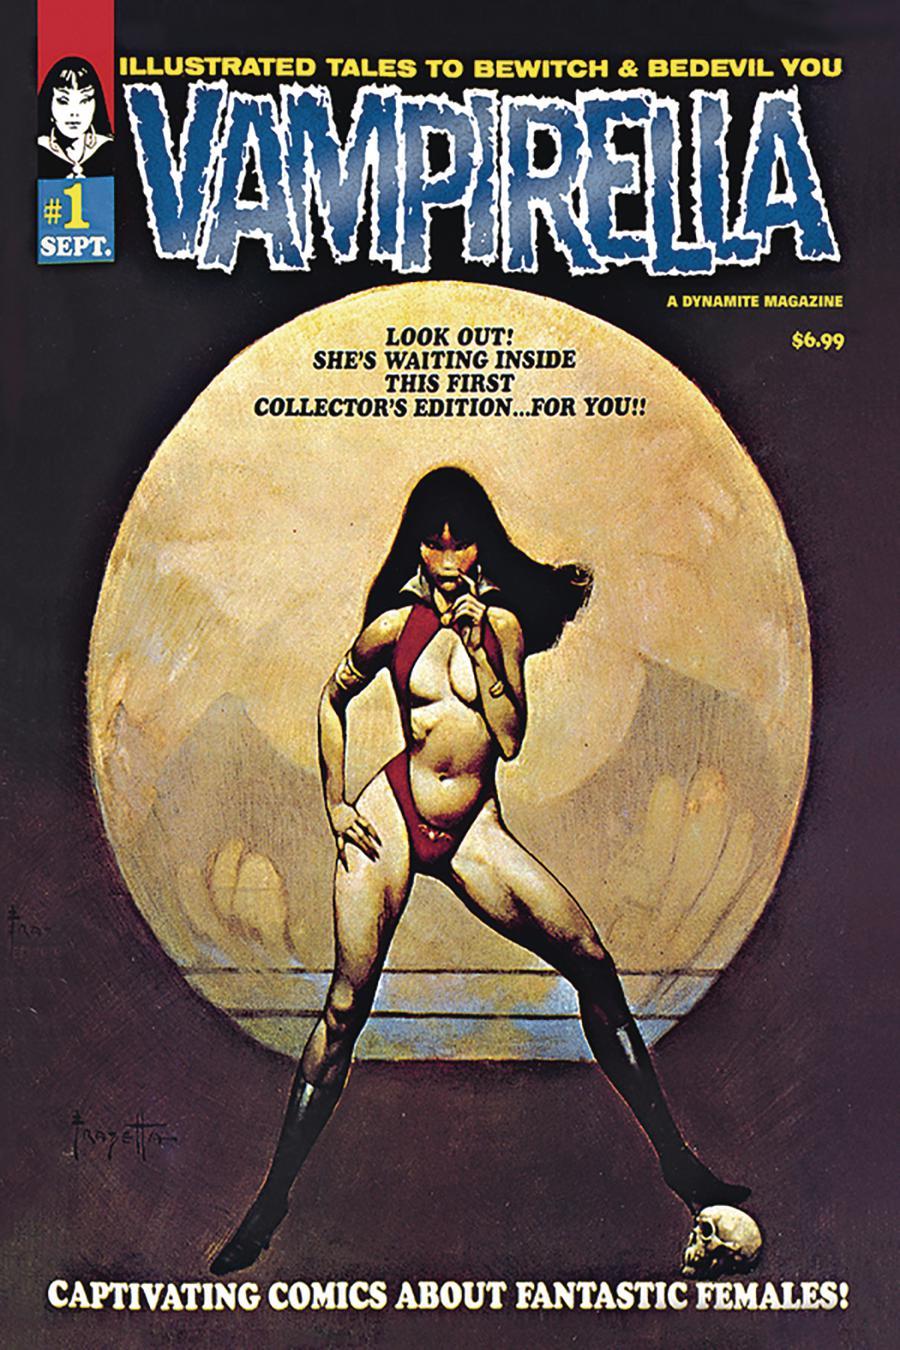 Vampirella Magazine #1 1969 Replica Edition Cover C Limited Blue Foil Cover